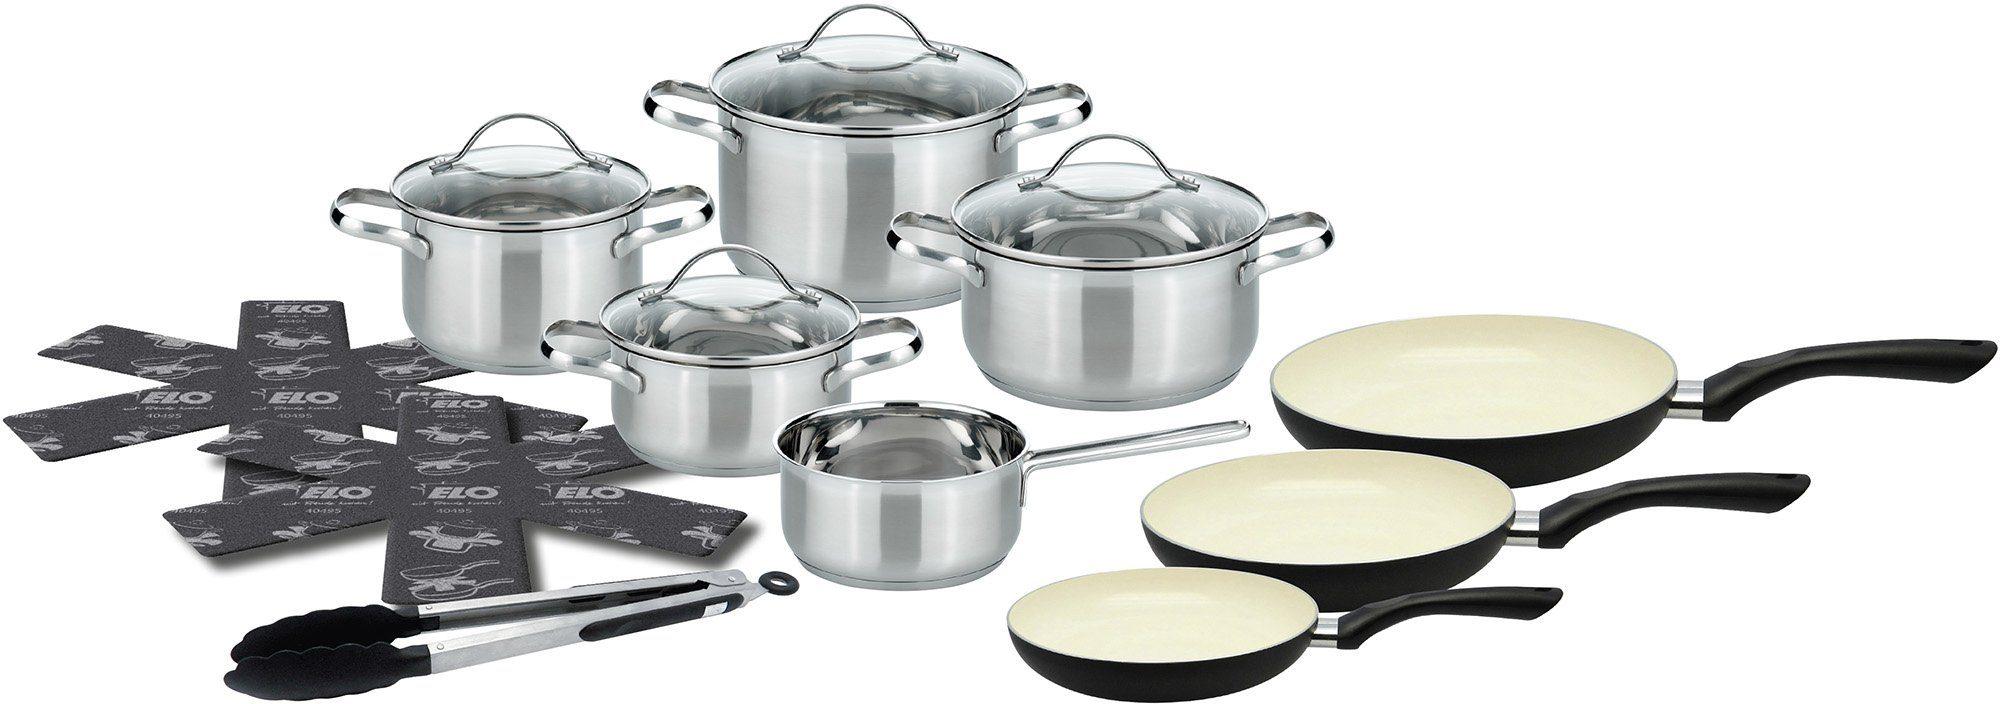 Meine Küche Topf-Set, 15-teilig, Edelstahl/Aluminium, Induktion